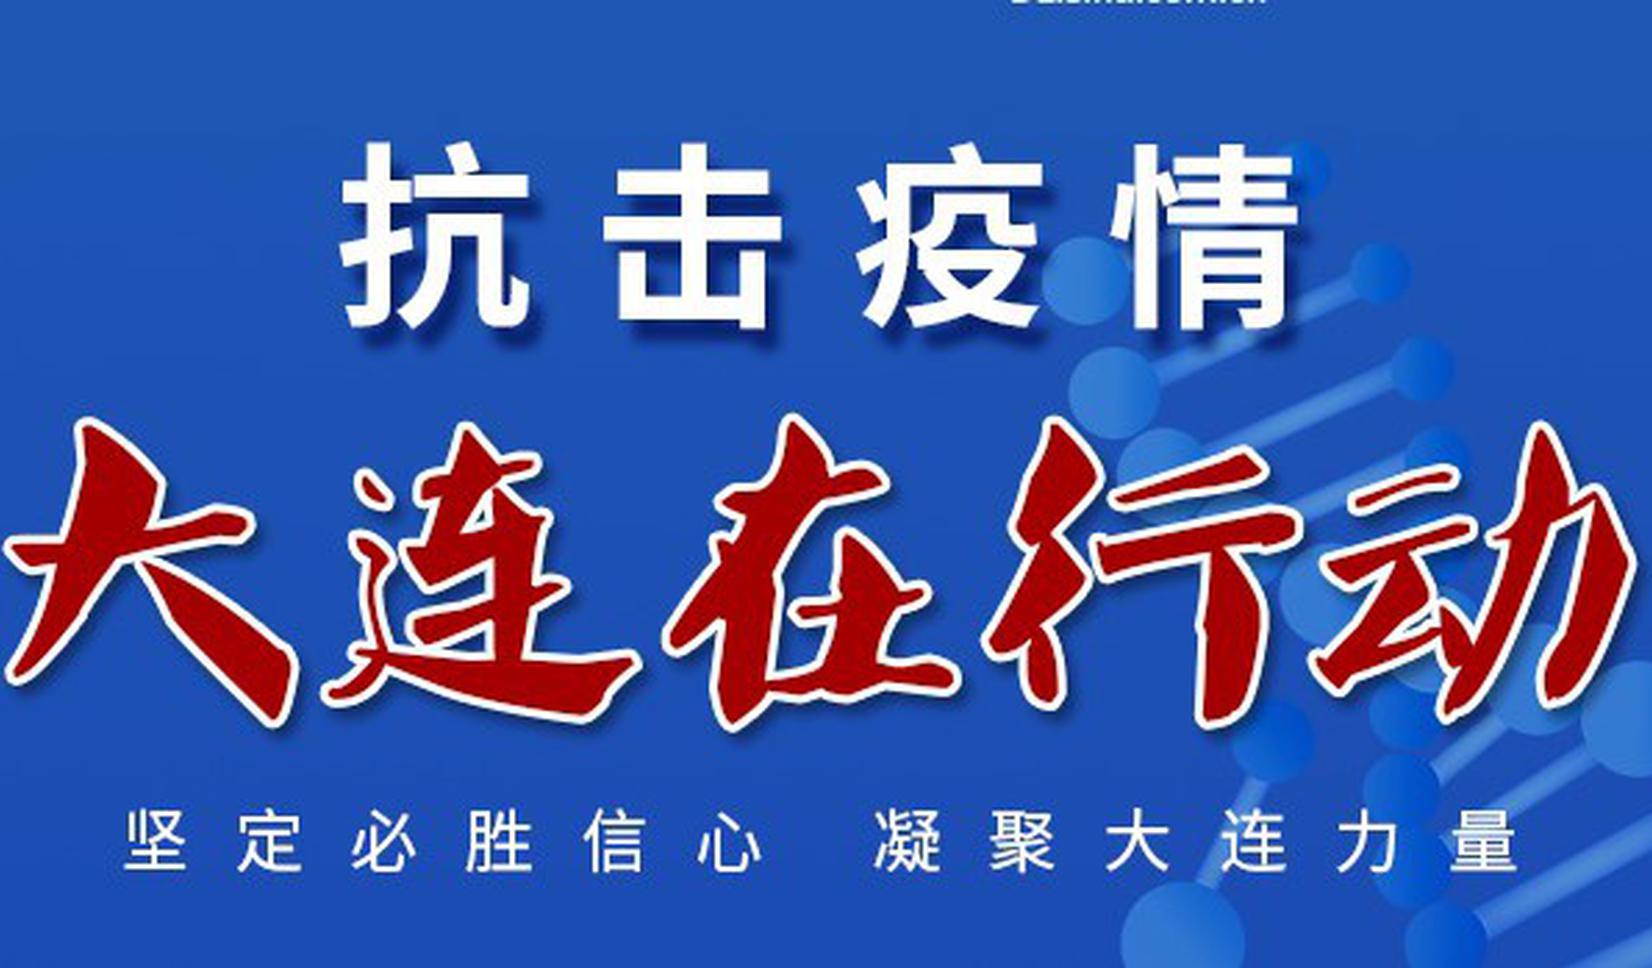 """中山区工商联徐少峰:""""疫""""不容辞践行使命担当"""